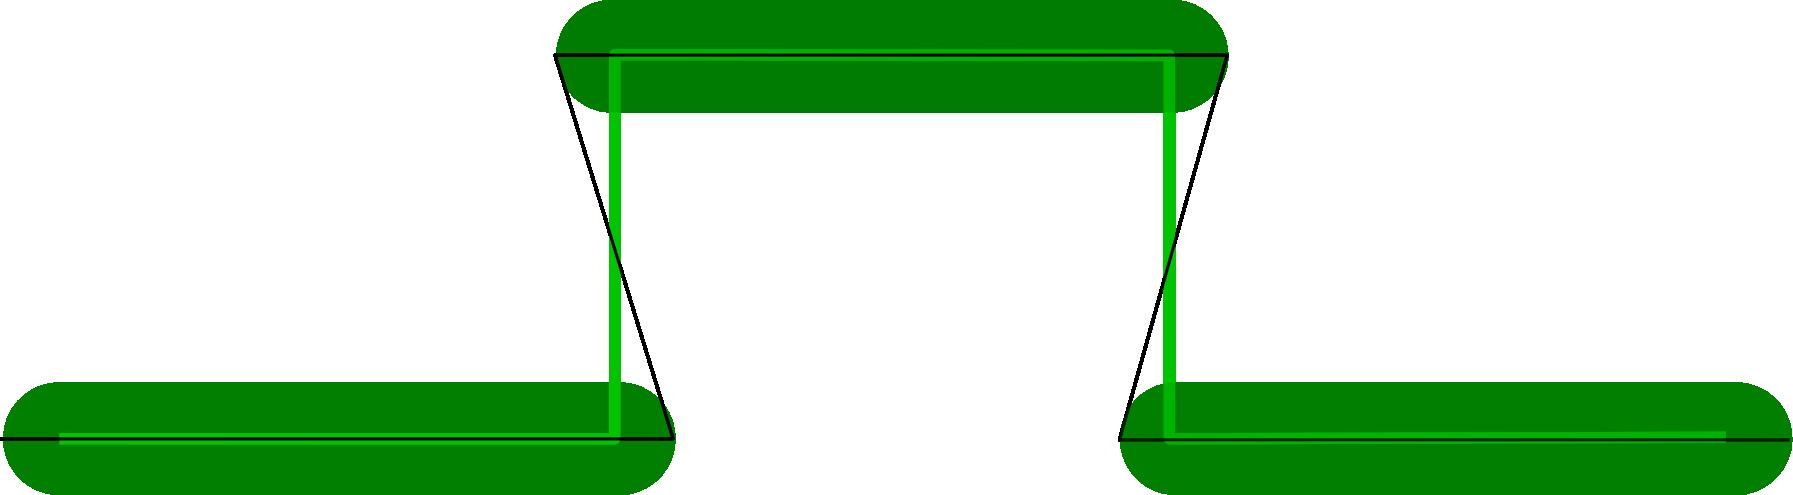 Tek 475 trapezoidal display distortion - Page 1